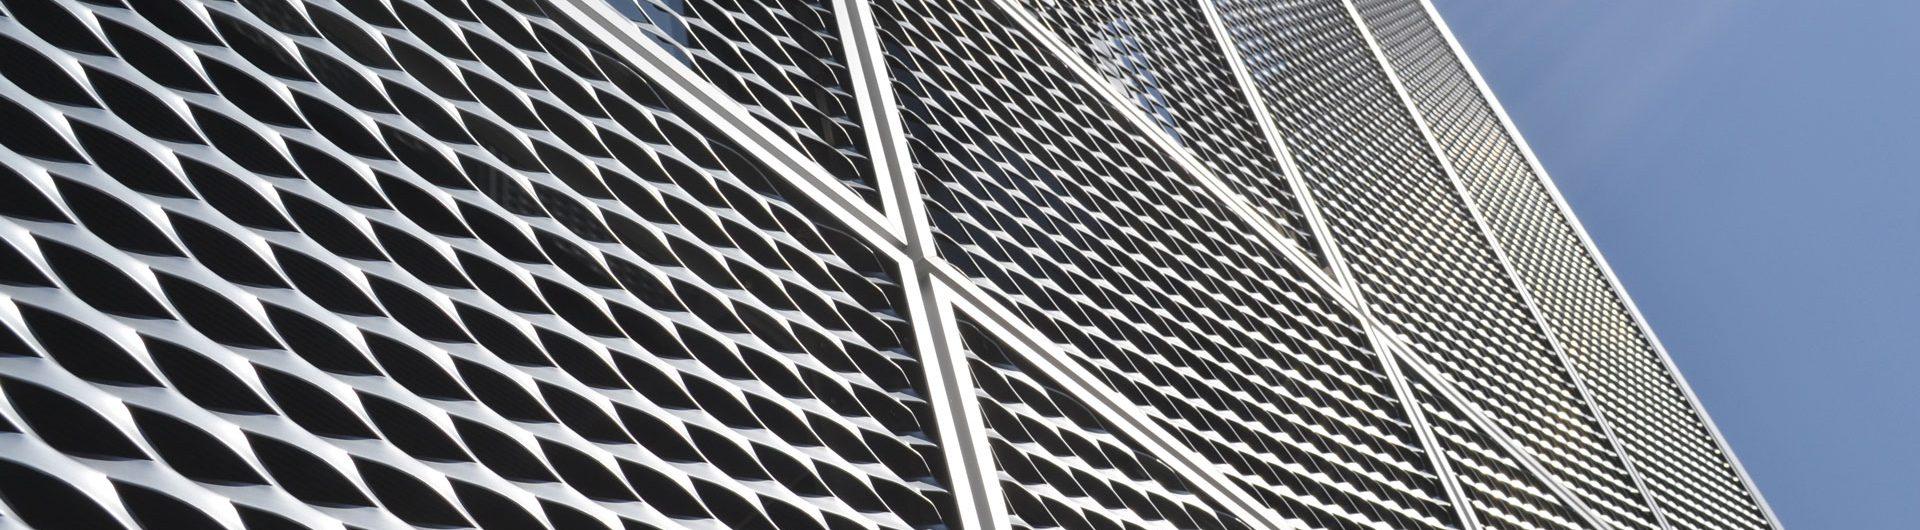 Streckgitter am Verwaltungsgebäude zur Verwendung als Hintergrund für Slider Hautnah